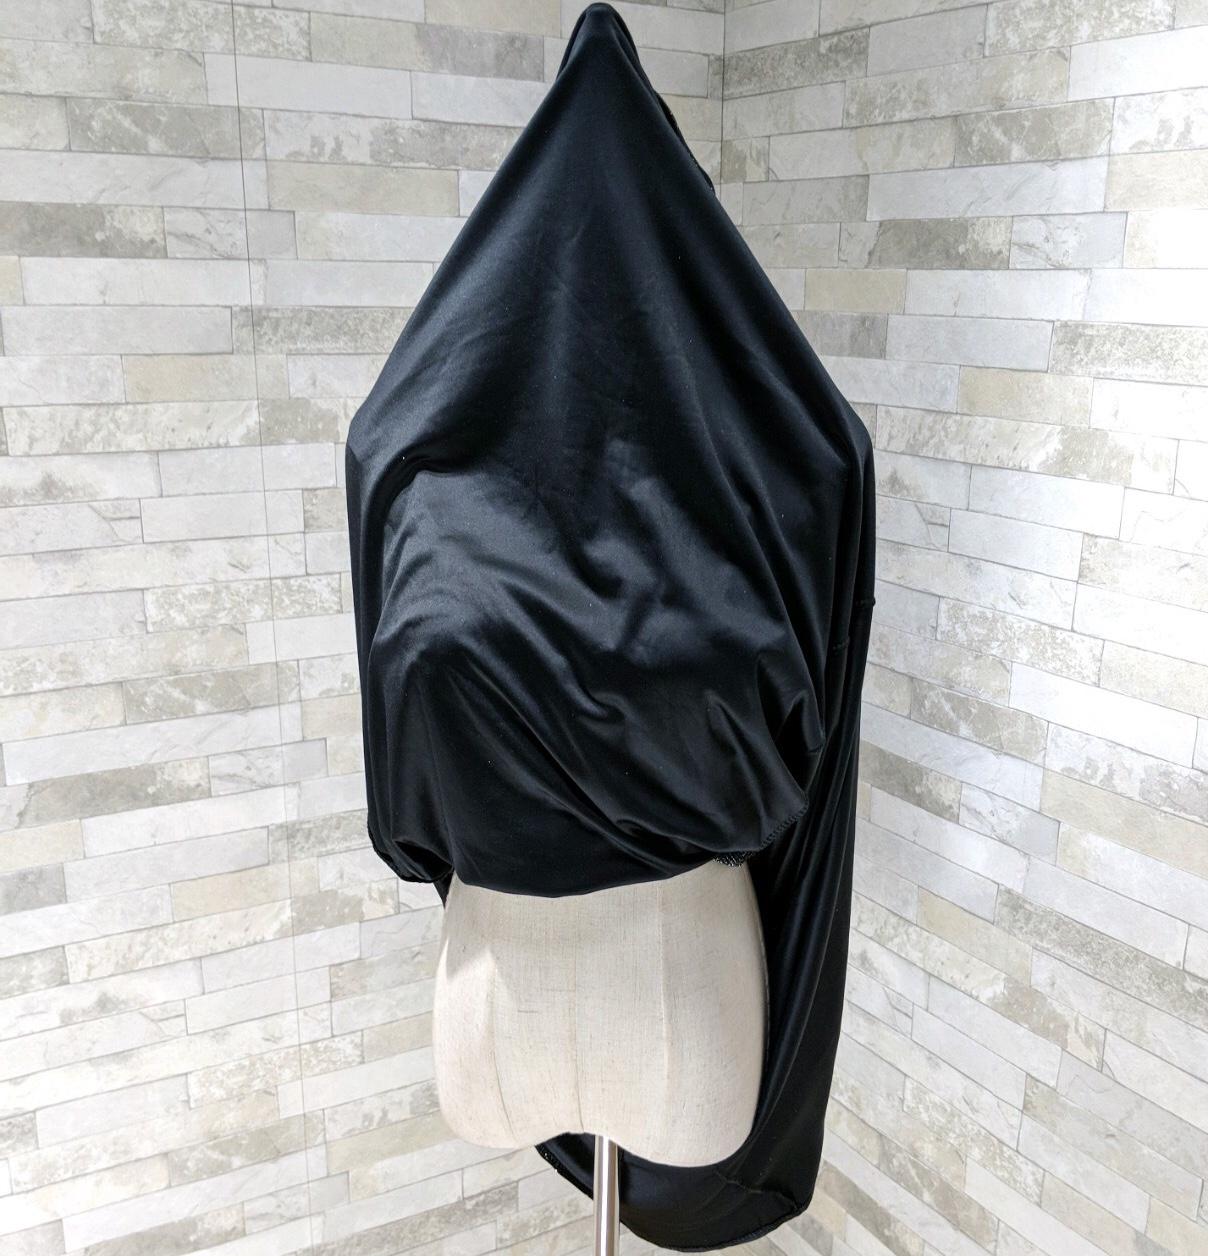 【即納】韓国 ファッション パーティードレス 結婚式 お呼ばれドレス セットアップ 春 秋 冬 パーティー ブライダル SPTXG143  シースルー ロングカフス キャミワ 二次会 セレブ きれいめの写真20枚目